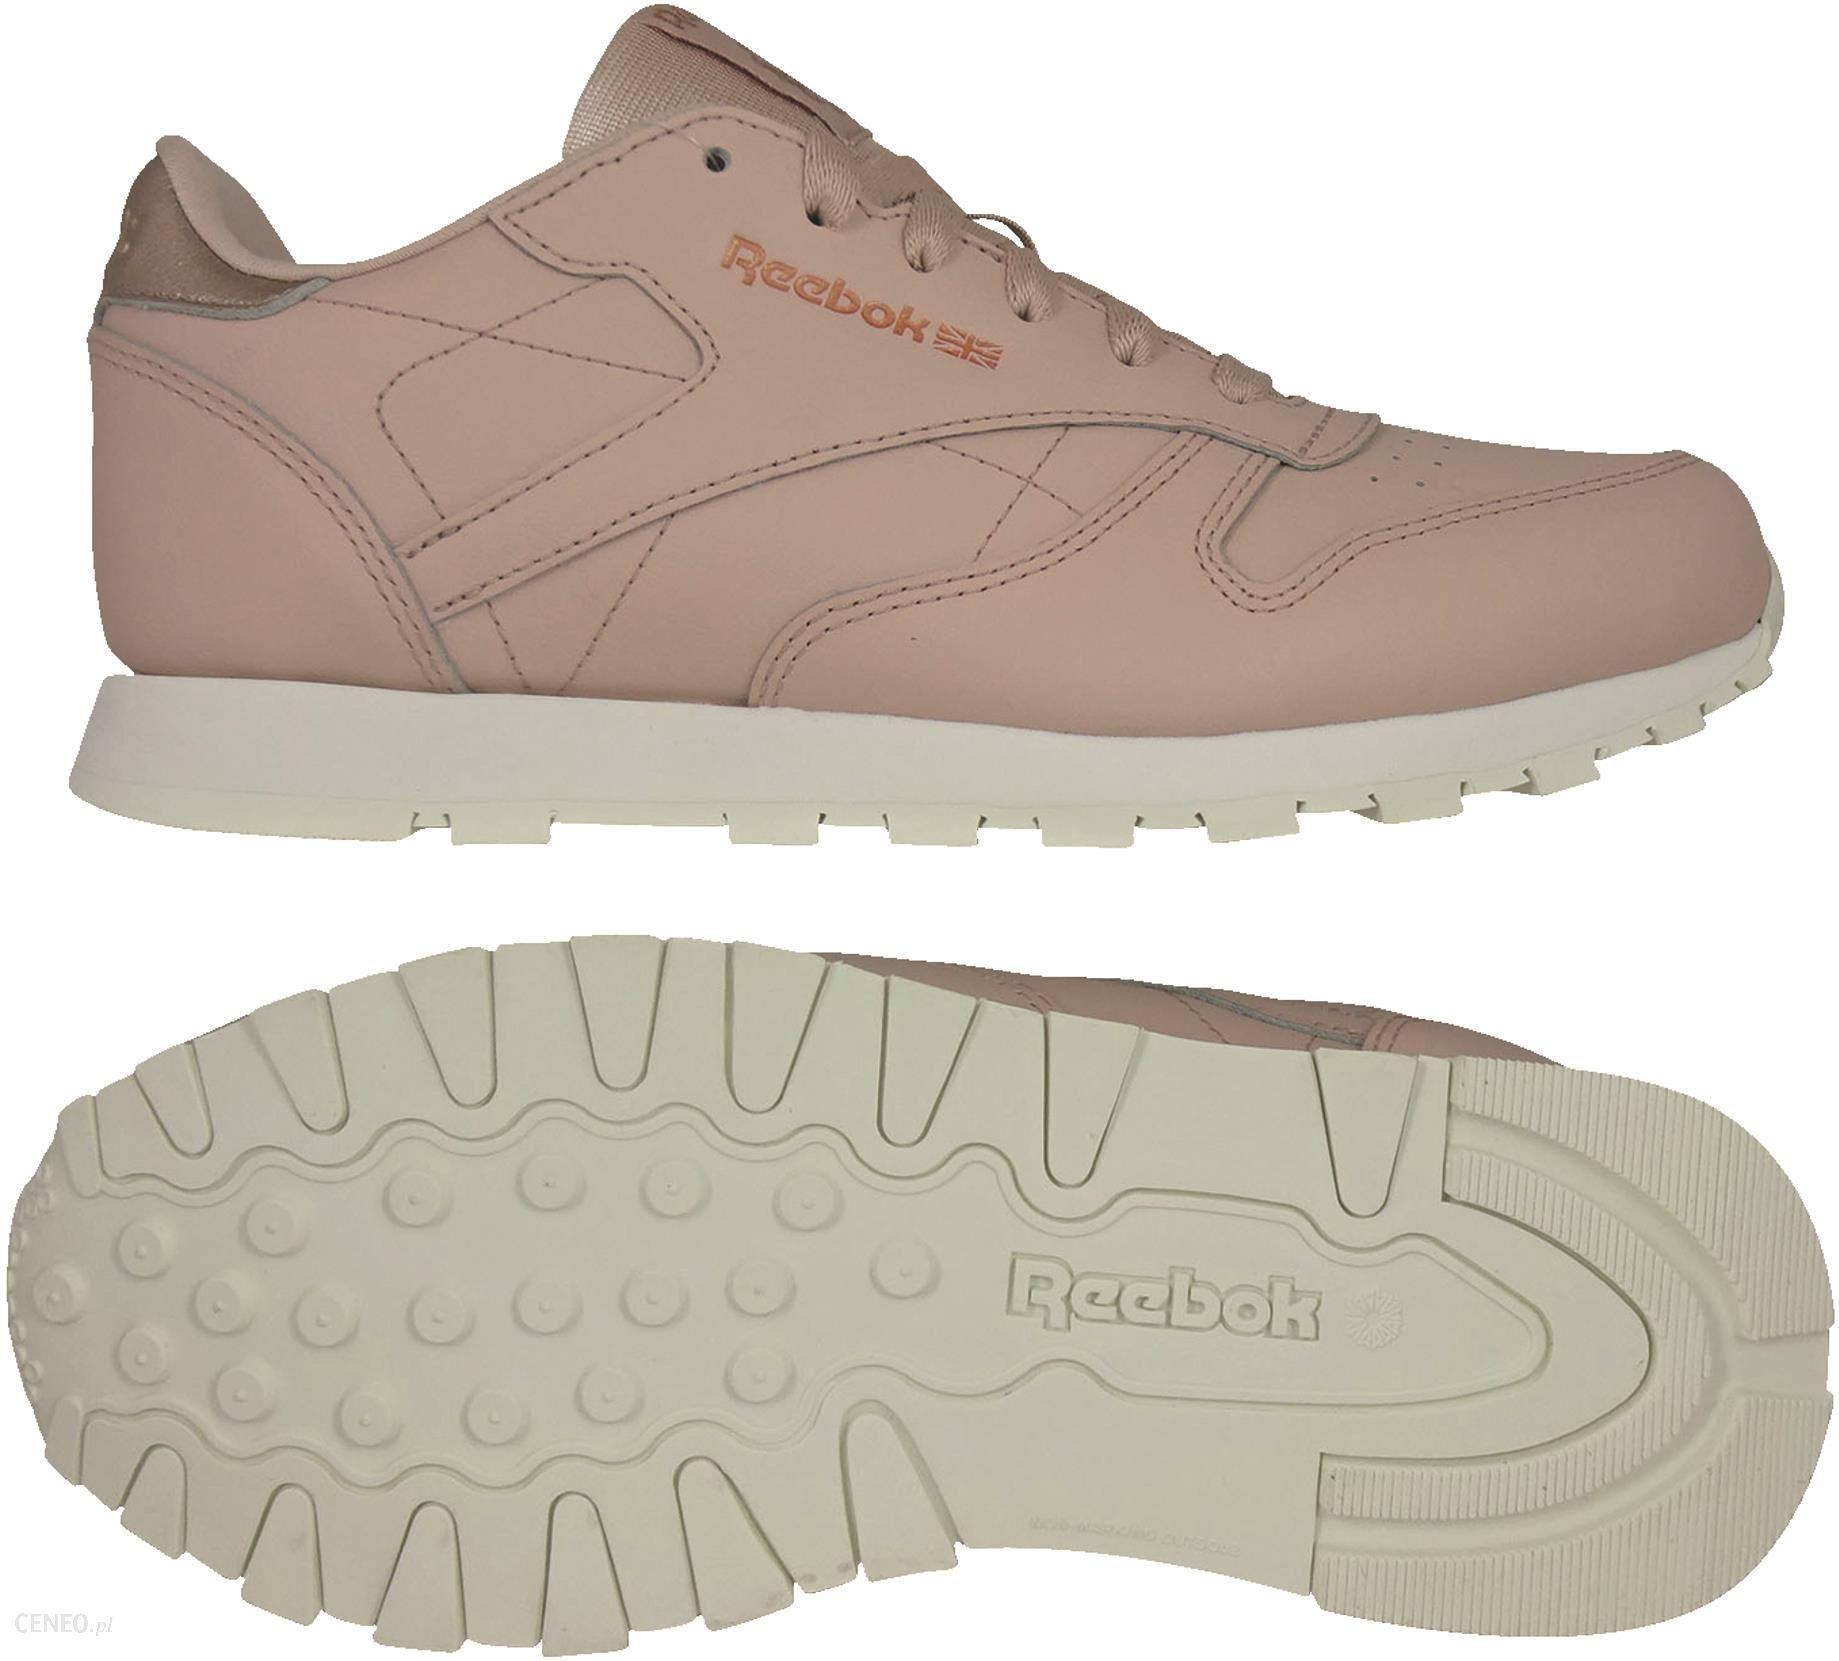 Buty Reebok Classic Leather CN5560 Ceny i opinie Ceneo.pl